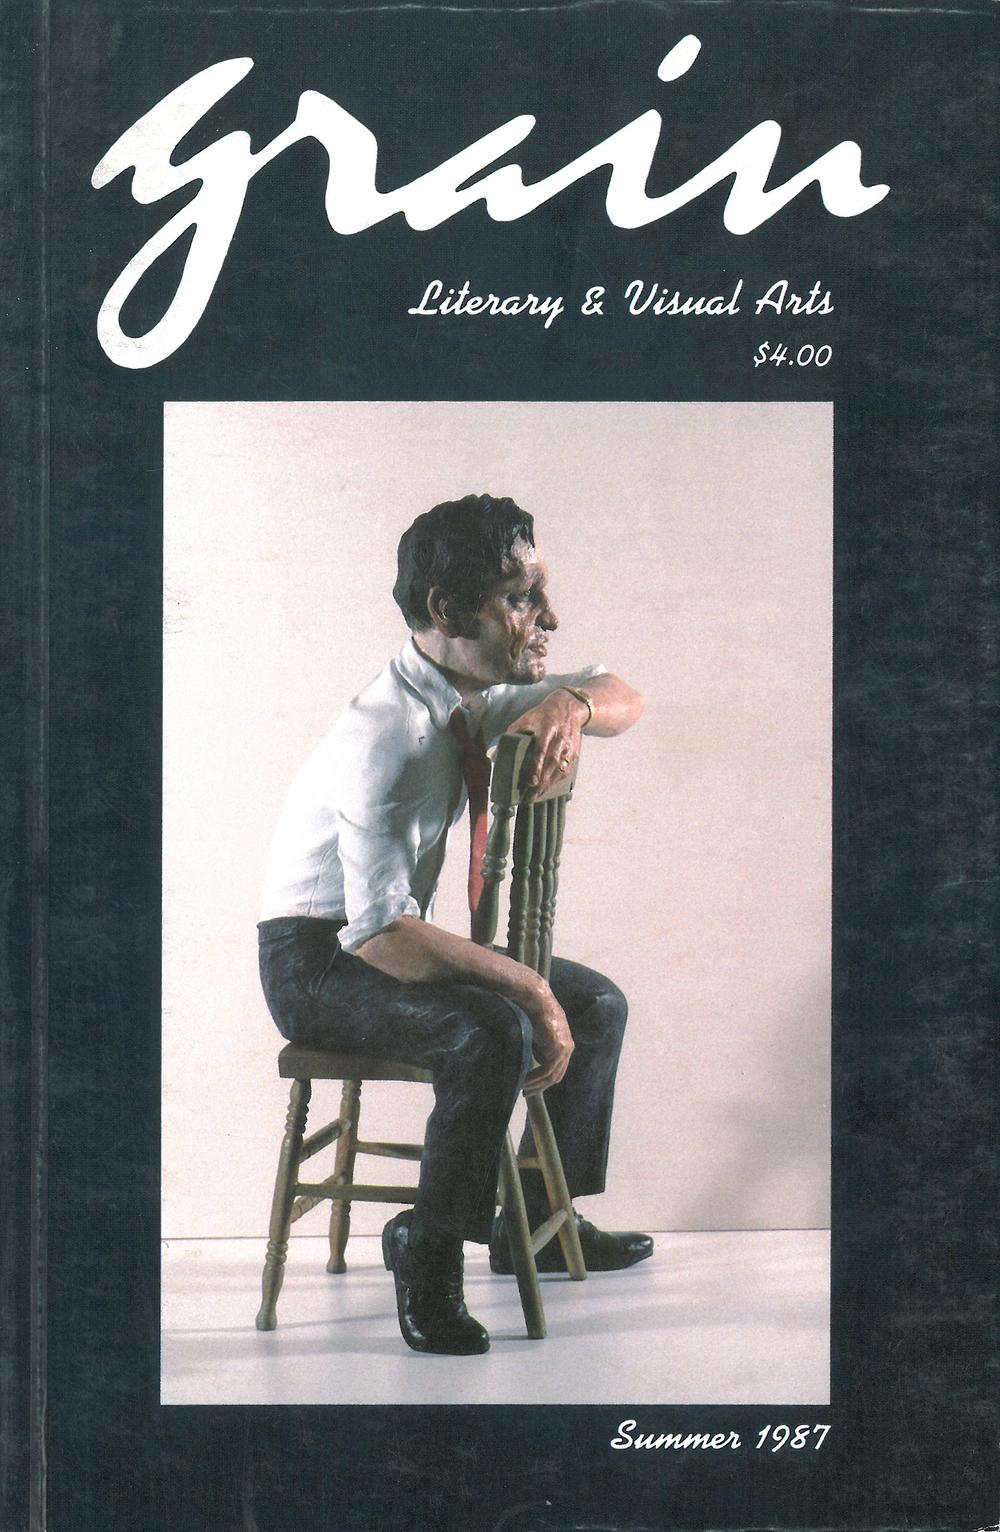 15.2 Summer 1987